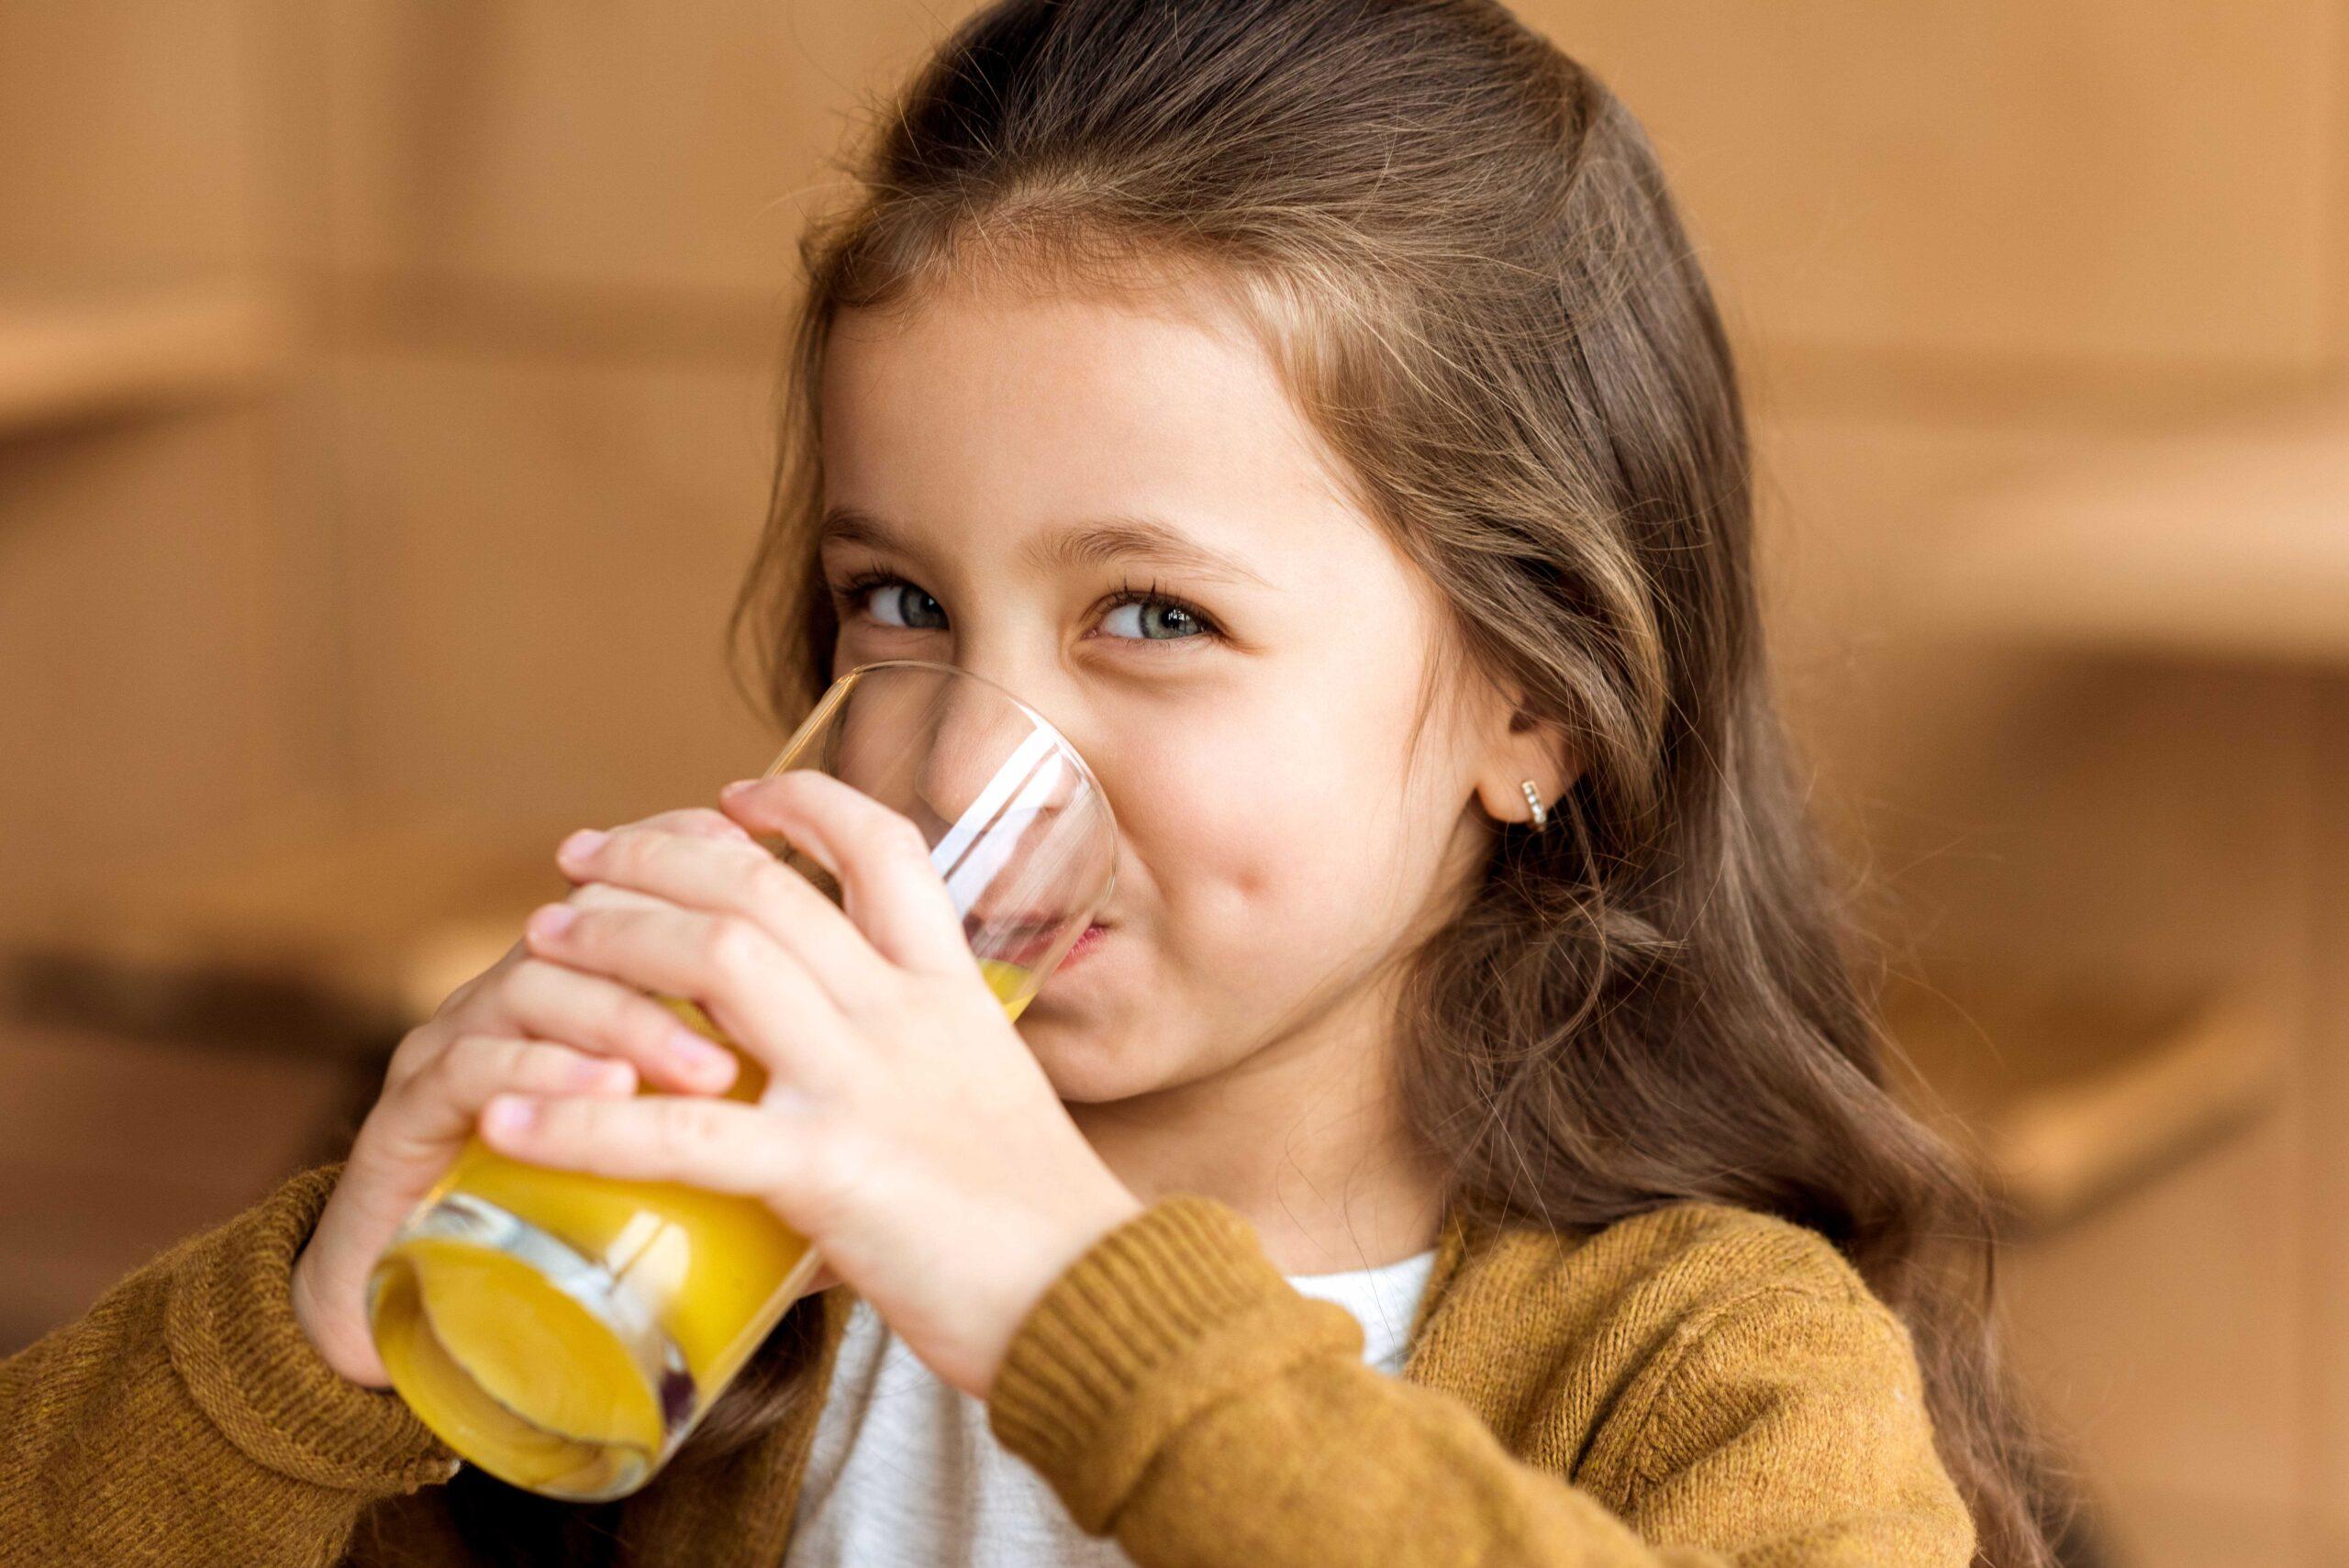 çocuklarda bağışıklık sistemi